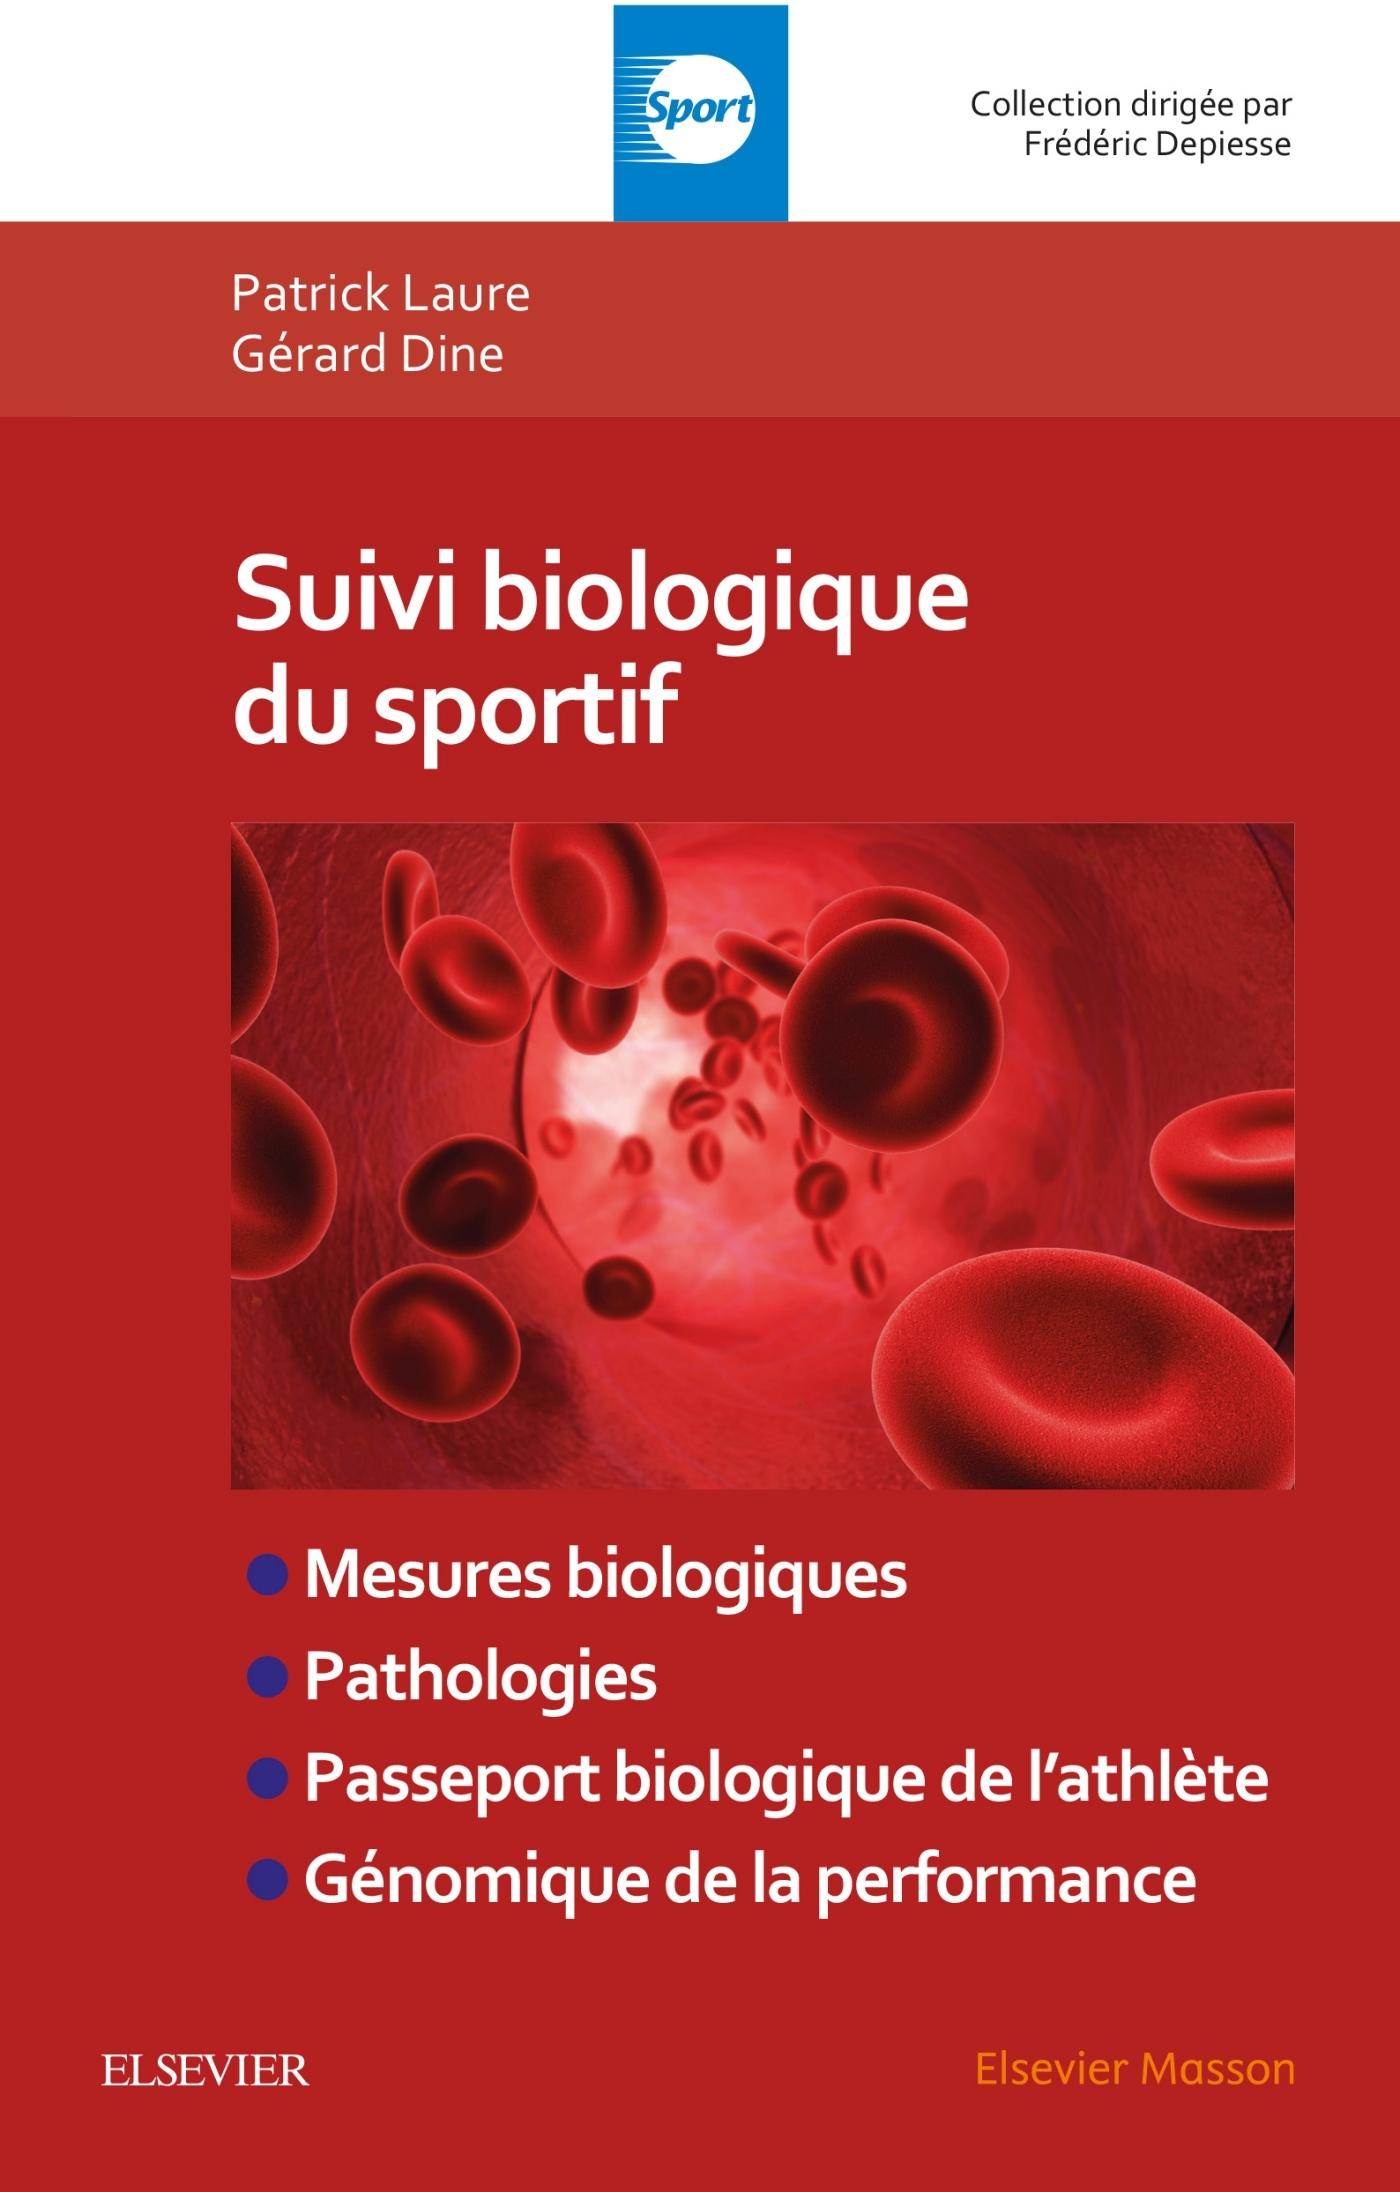 SUIVI BIOLOGIQUE DU SPORTIF - MESURES BIOLOGIQUES, PATHOLOGIES, PASSEPORT BIOLOGIQUE DE L'ATHLETE, G